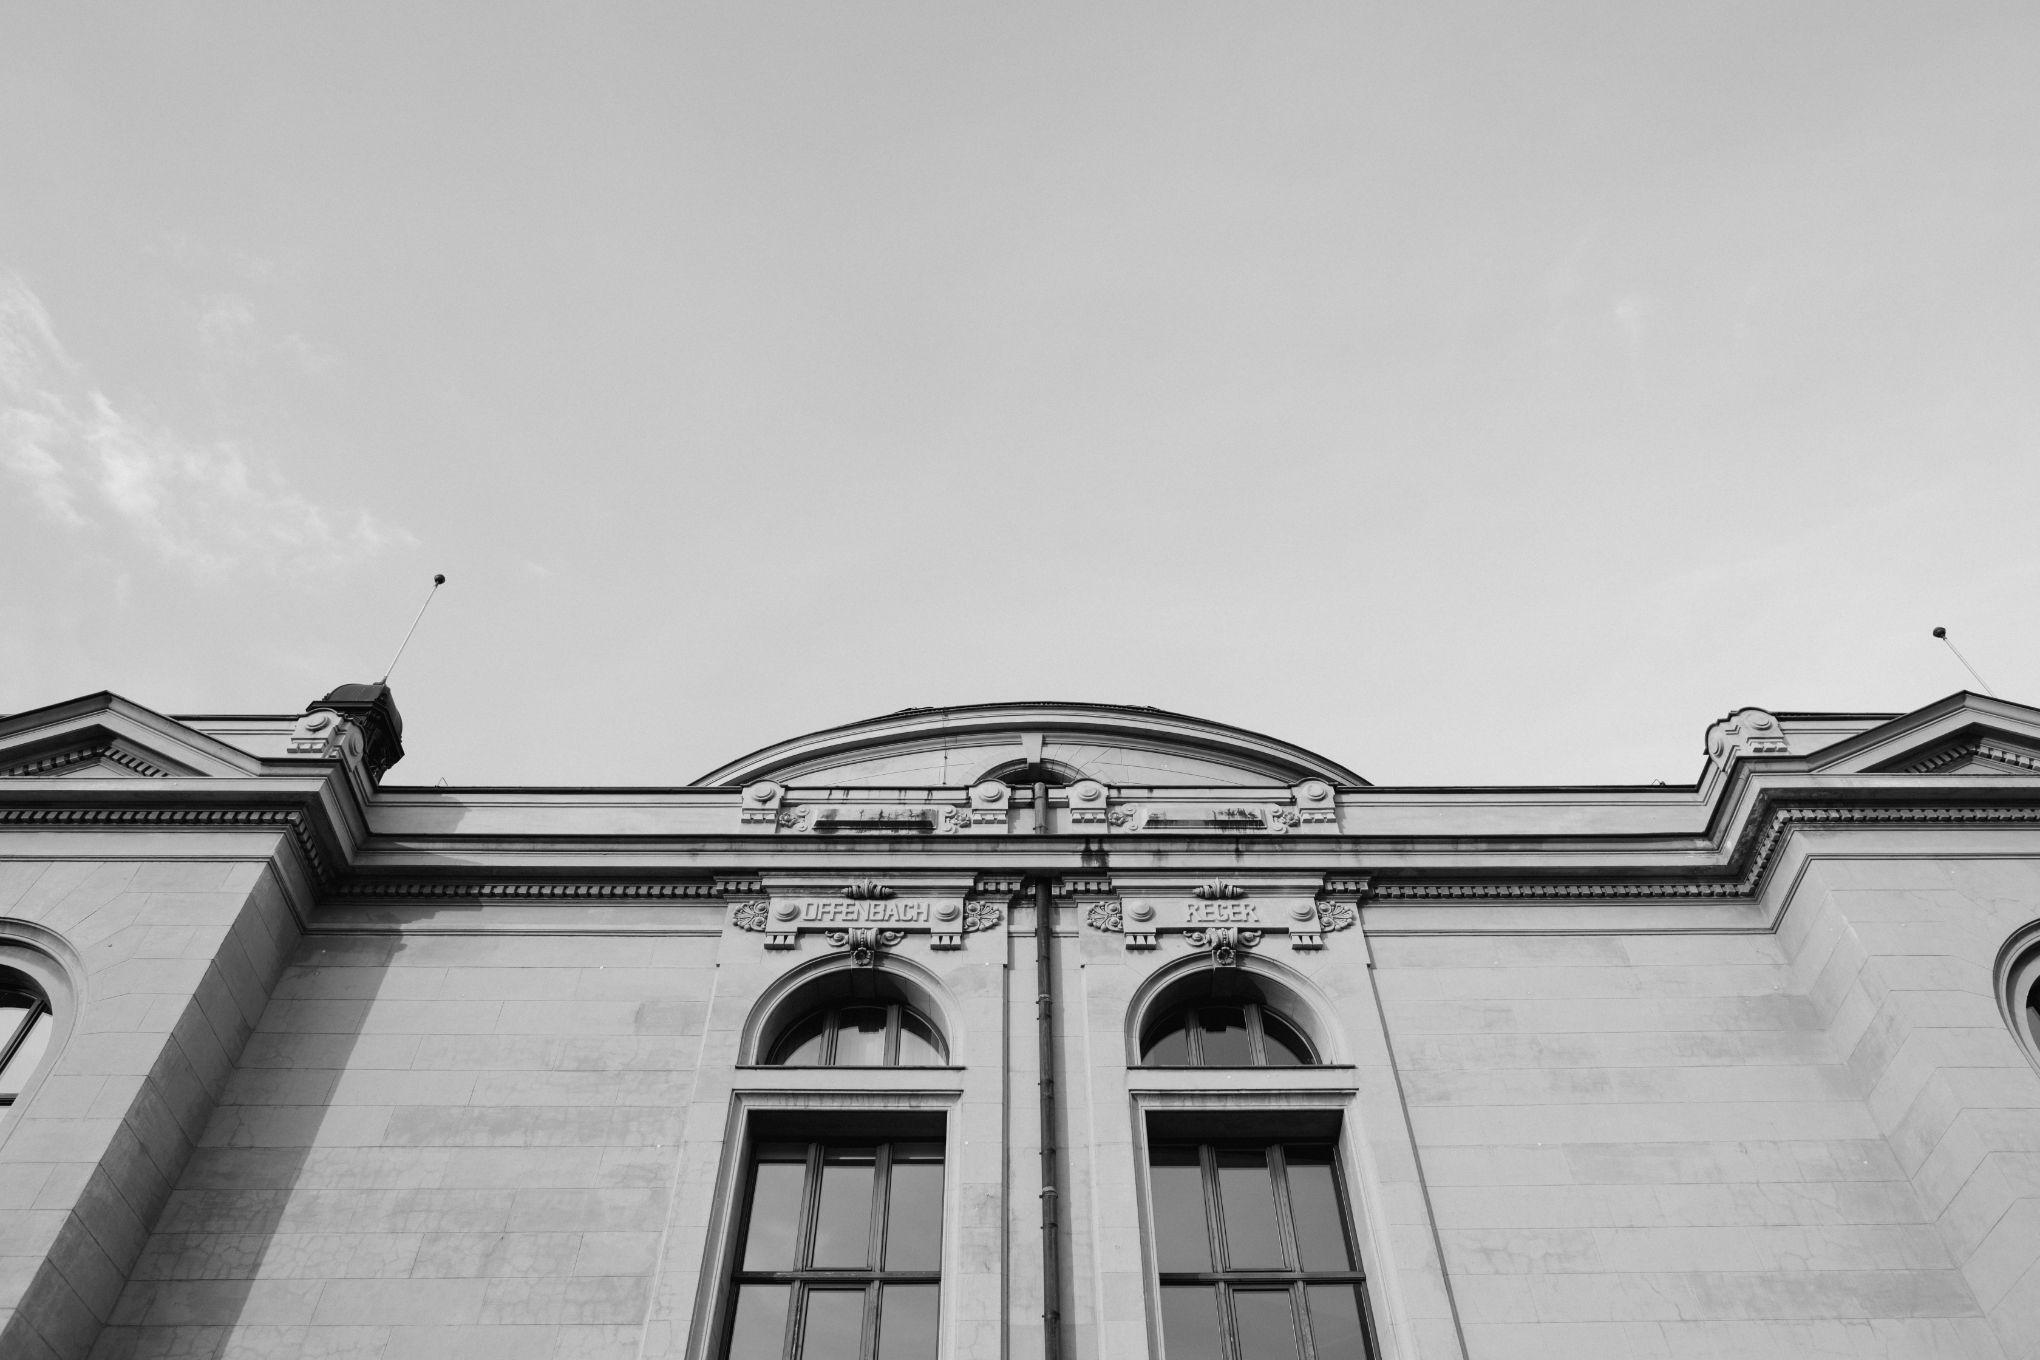 Historische-Stadthalle-Wuppertal-Hochzeit-The-Saums-KN-6-226.jpg